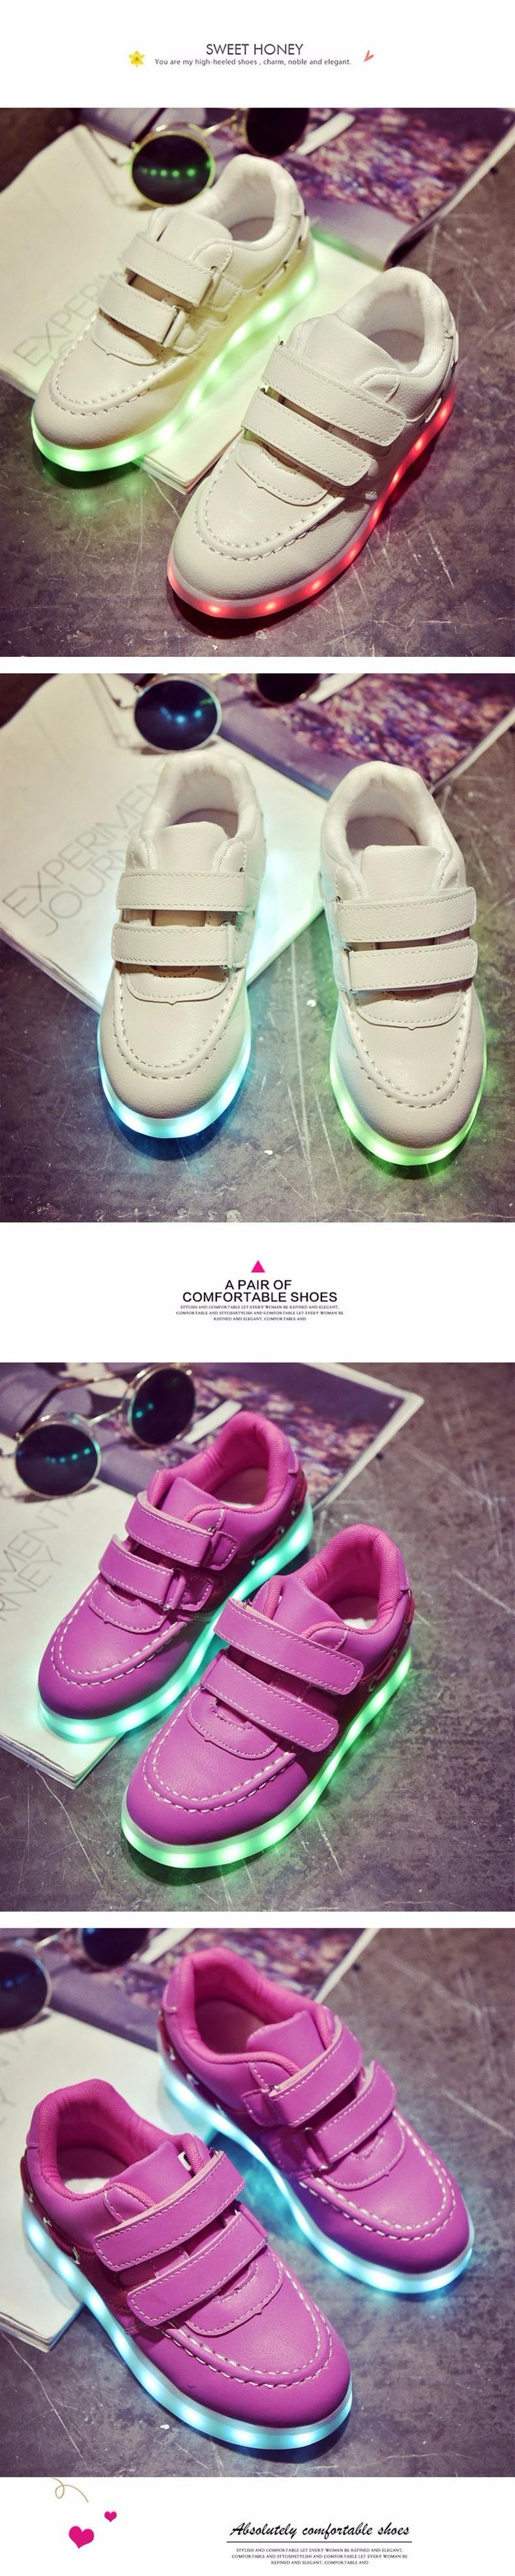 Kid USB Charging LED Light Shoes Soft Net Casual Boy Girl Luminous Sneakers Antiskid Bottom Children Shoes Tenis Led Infantil (8)